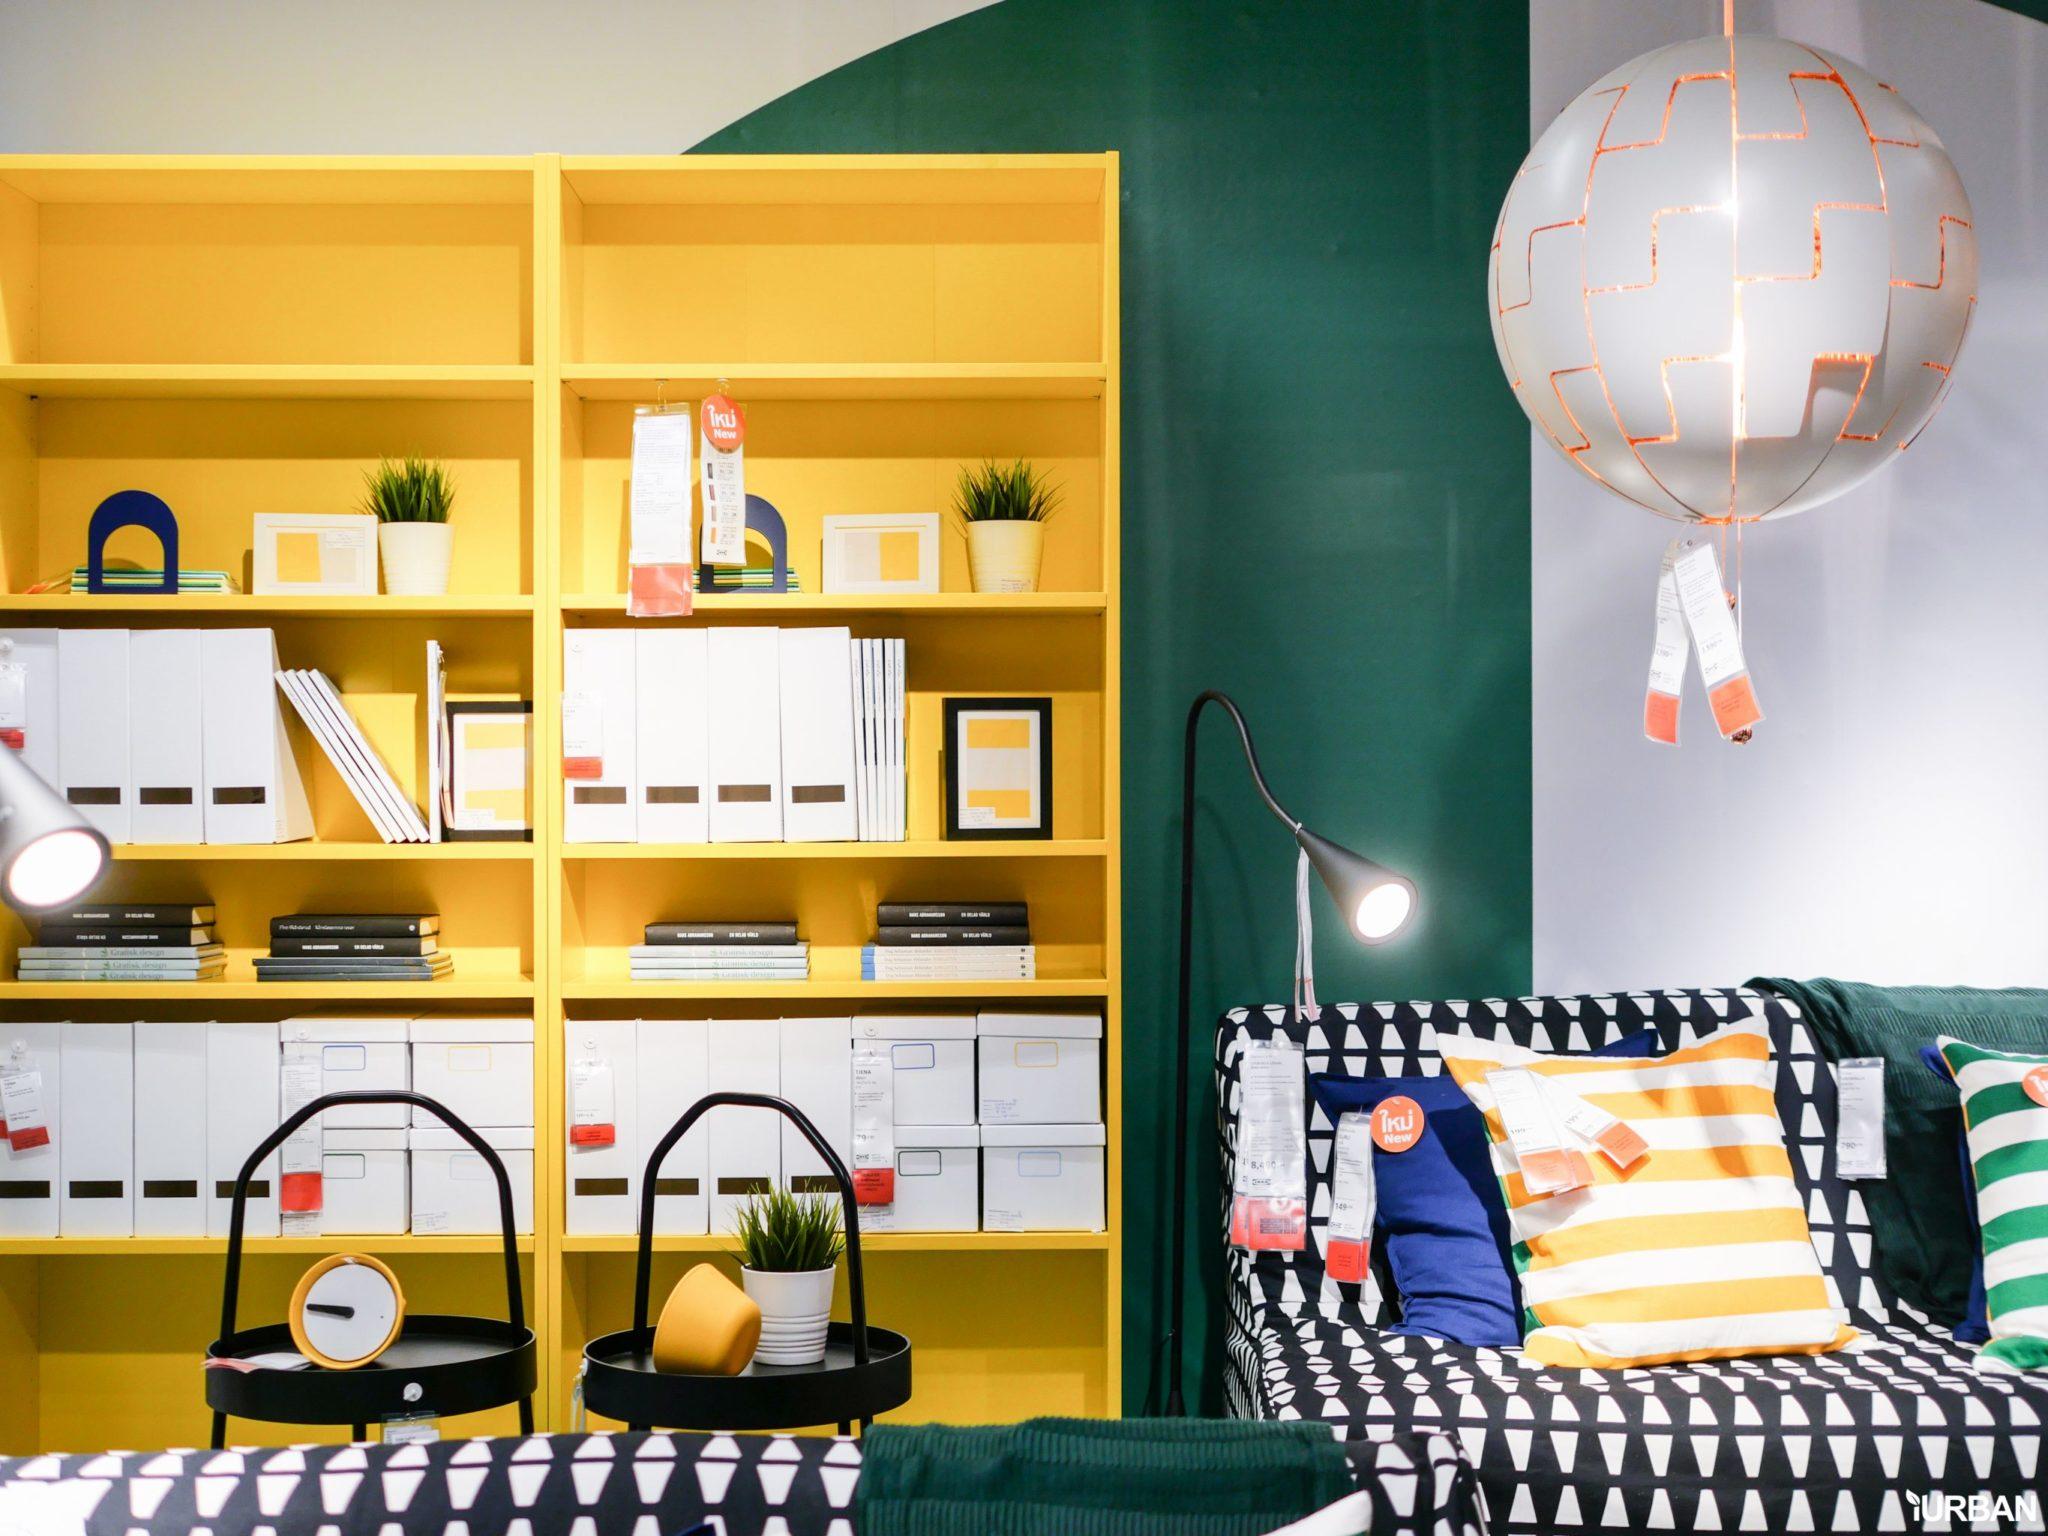 """9 วิธีจัดห้องเก่าให้เหมือนใหม่ ลอกวิธีจัดห้องในพื้นที่เล็ก """"Small Space"""" แบบ IKEA 128 - Bedroom"""